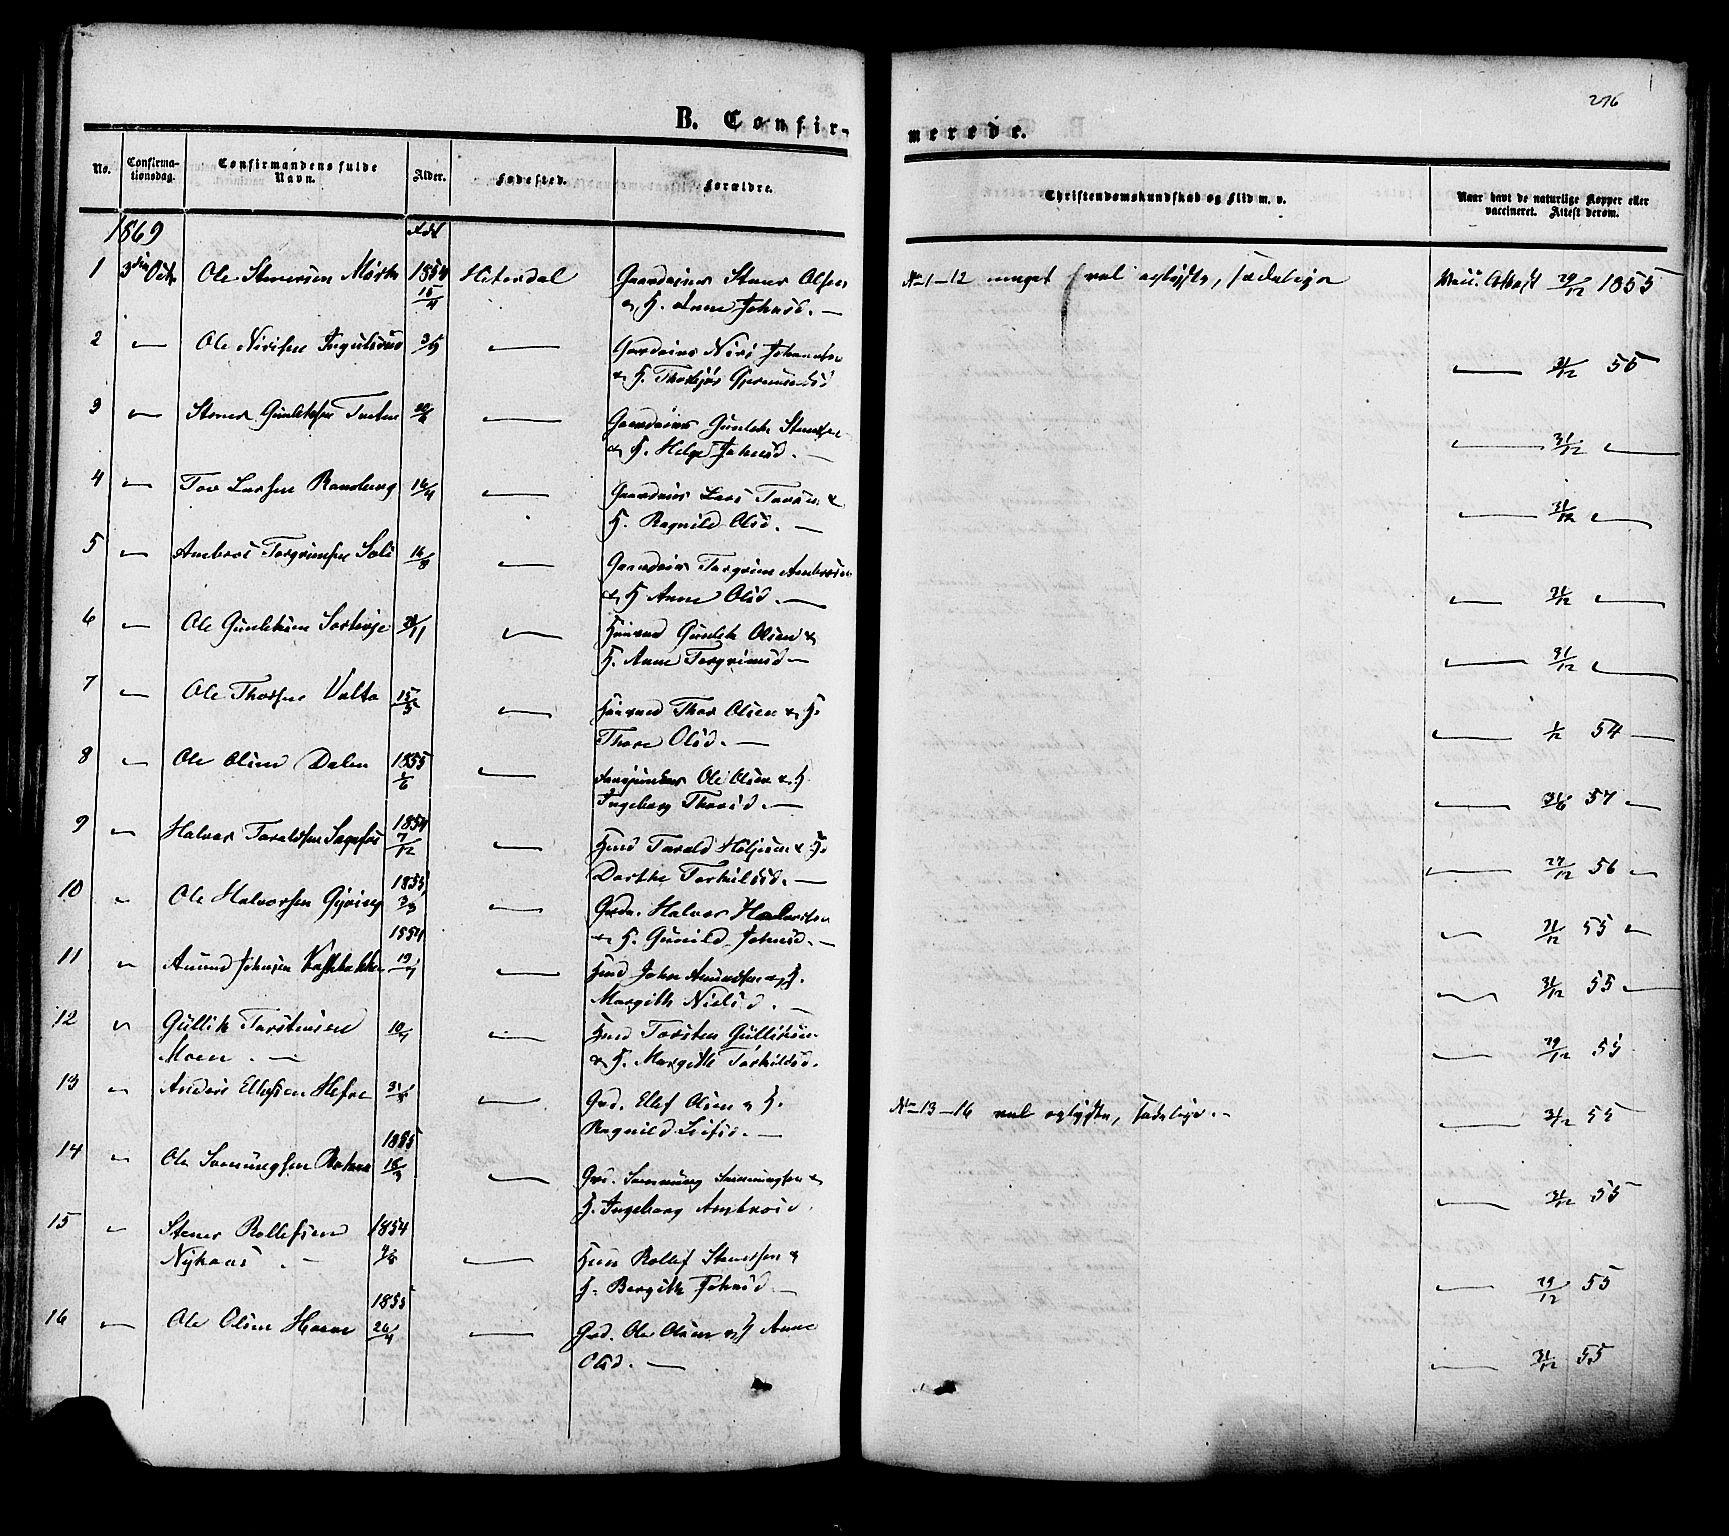 SAKO, Heddal kirkebøker, F/Fa/L0007: Ministerialbok nr. I 7, 1855-1877, s. 276